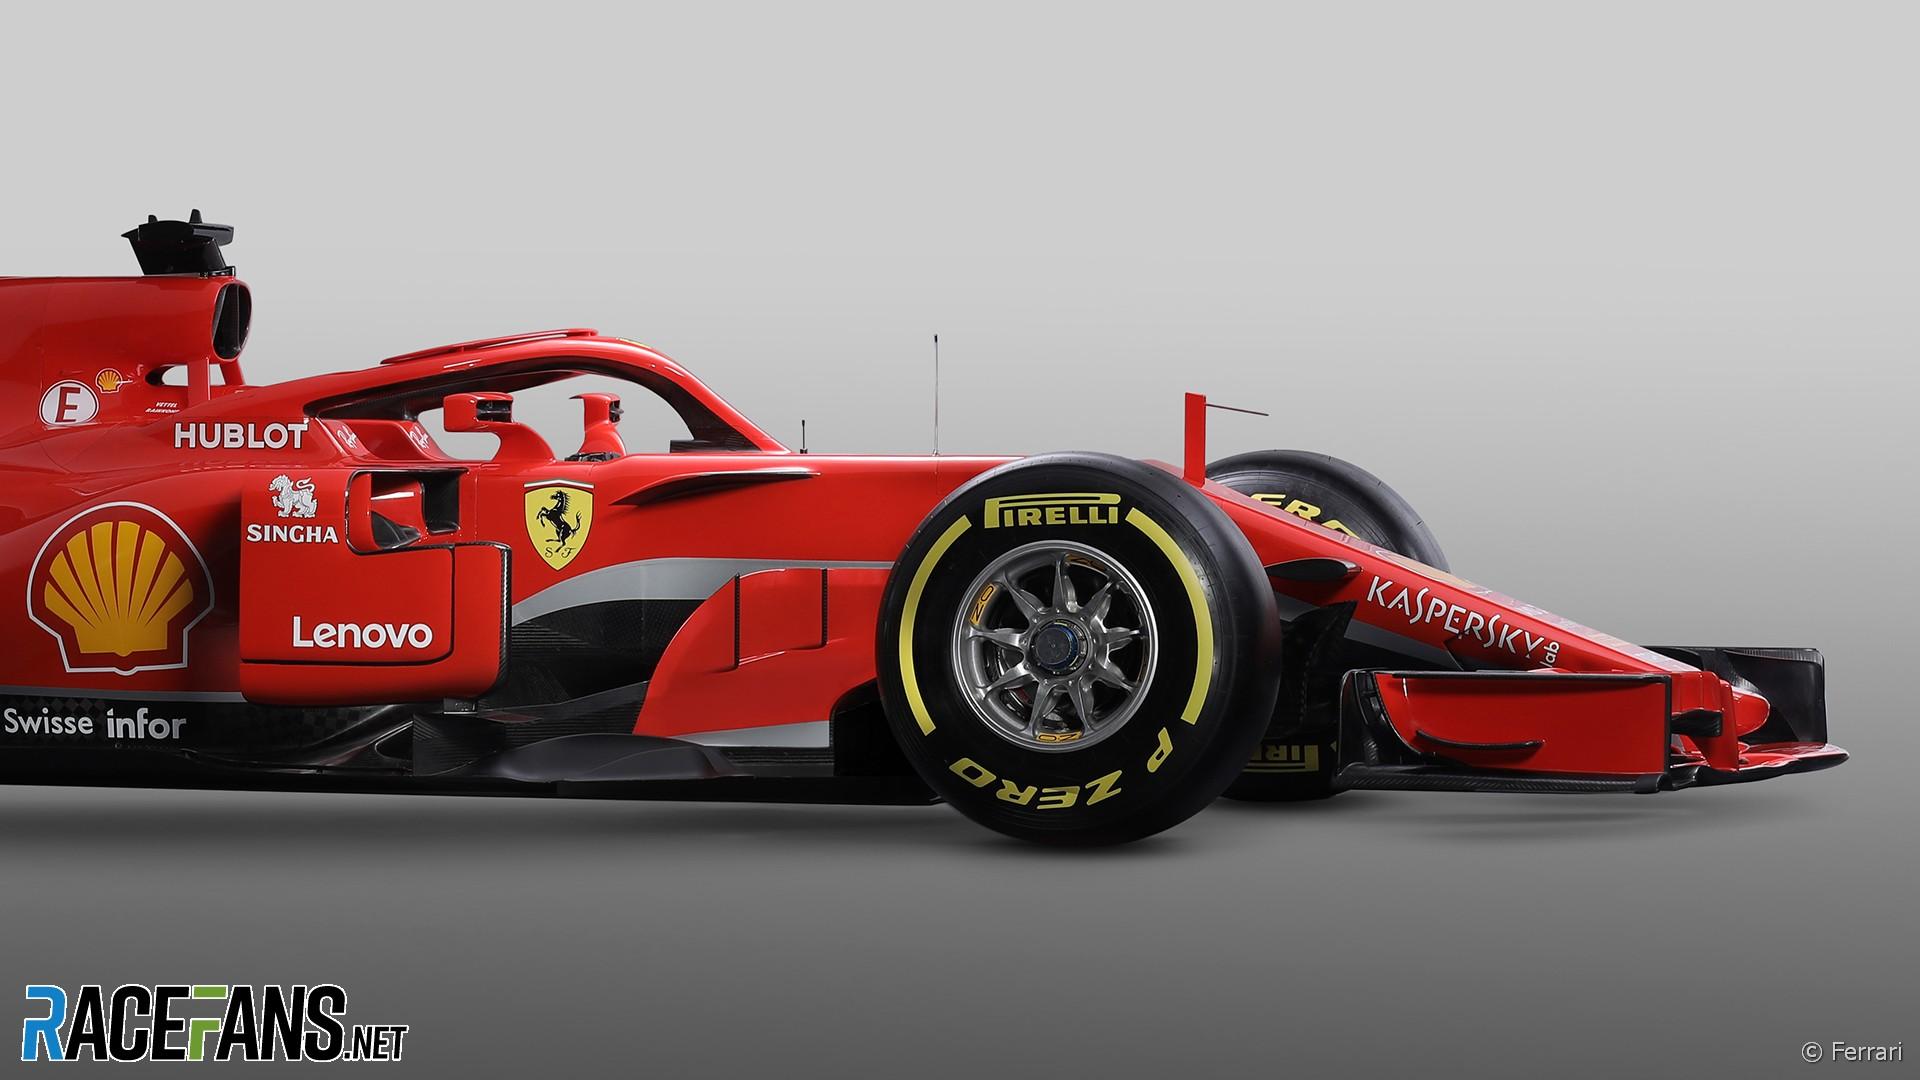 Ferrari Sf71h 2018 183 Racefans